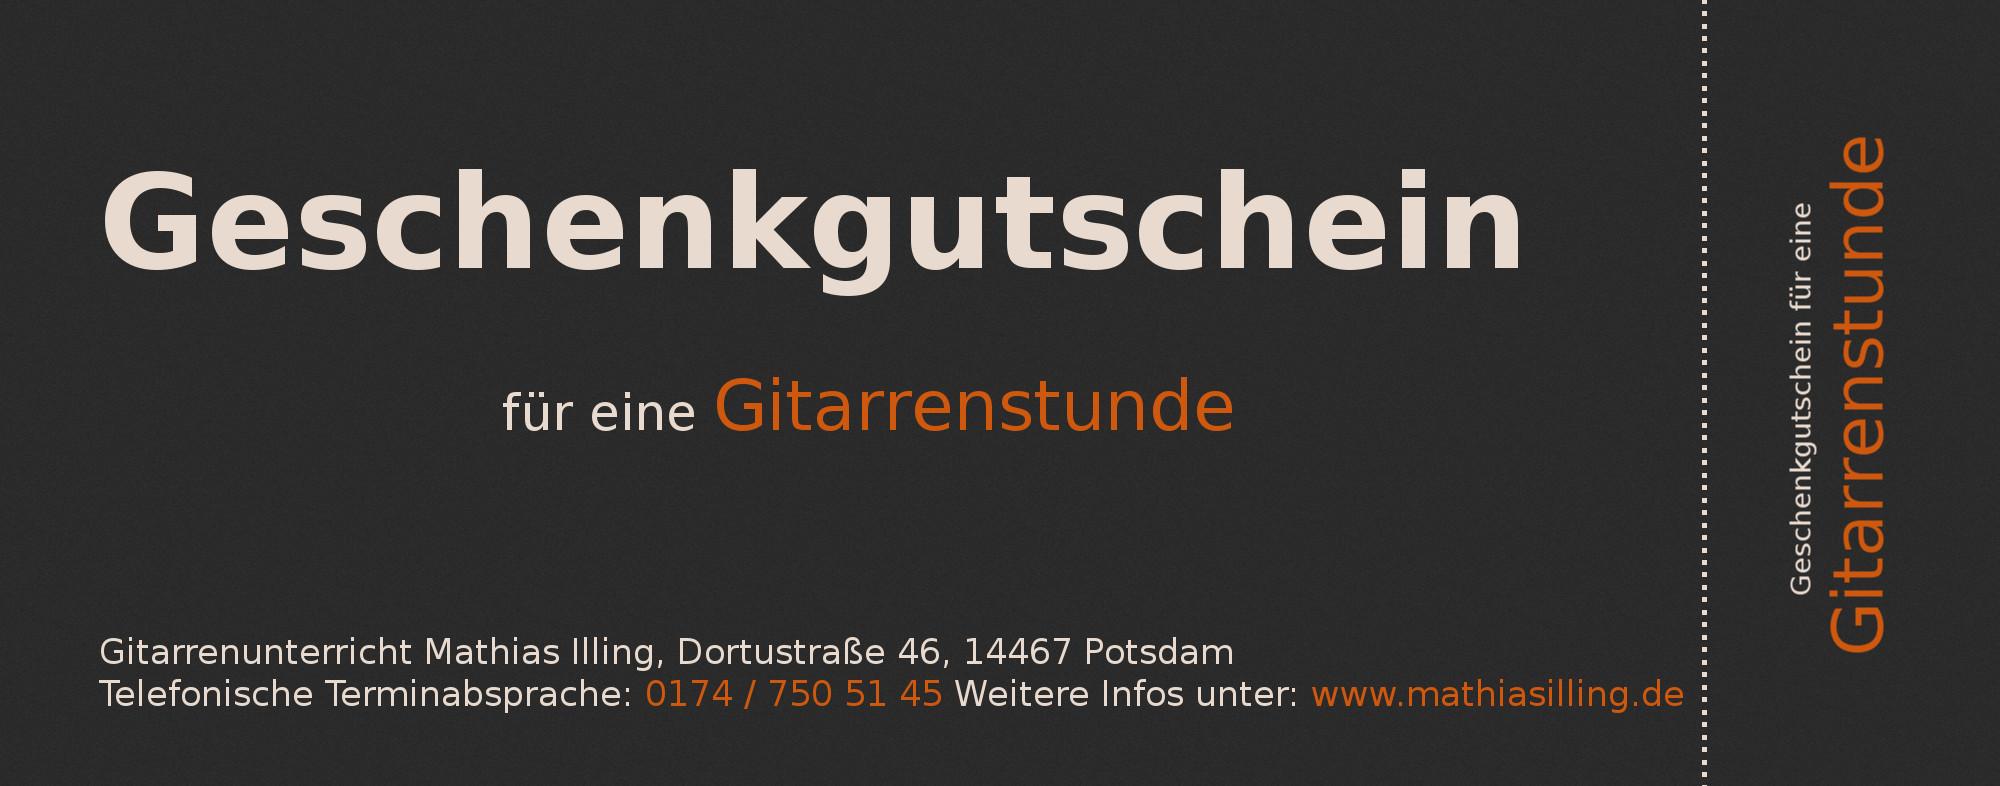 Geschenkgutschein für eine Gitarrenstunde in Potsdam, Geschenkidee, Geschenk für Potsdam